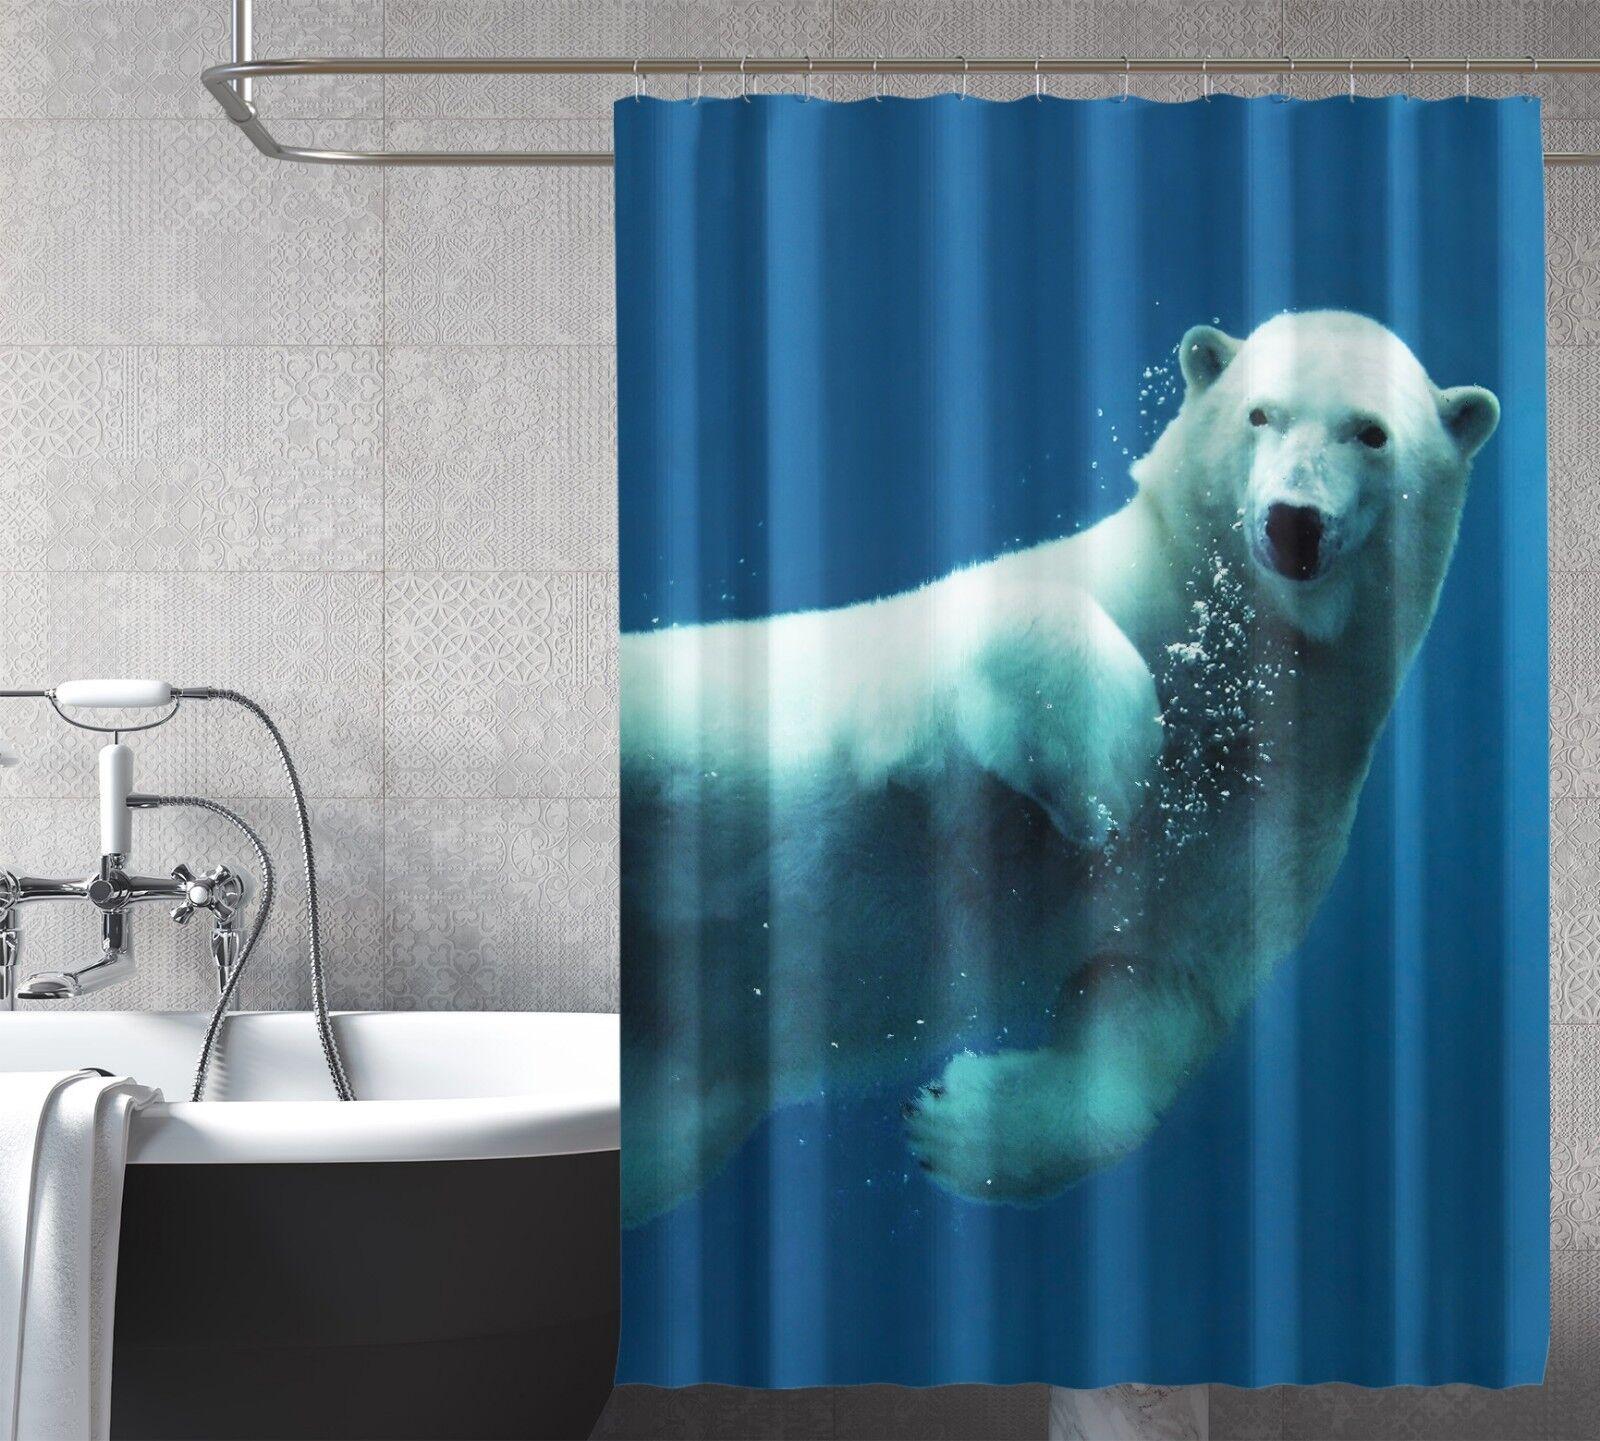 3D Eisbär Meer 8 Duschvorhang Wasserdicht Faser Bad Daheim Windows Toilette DE